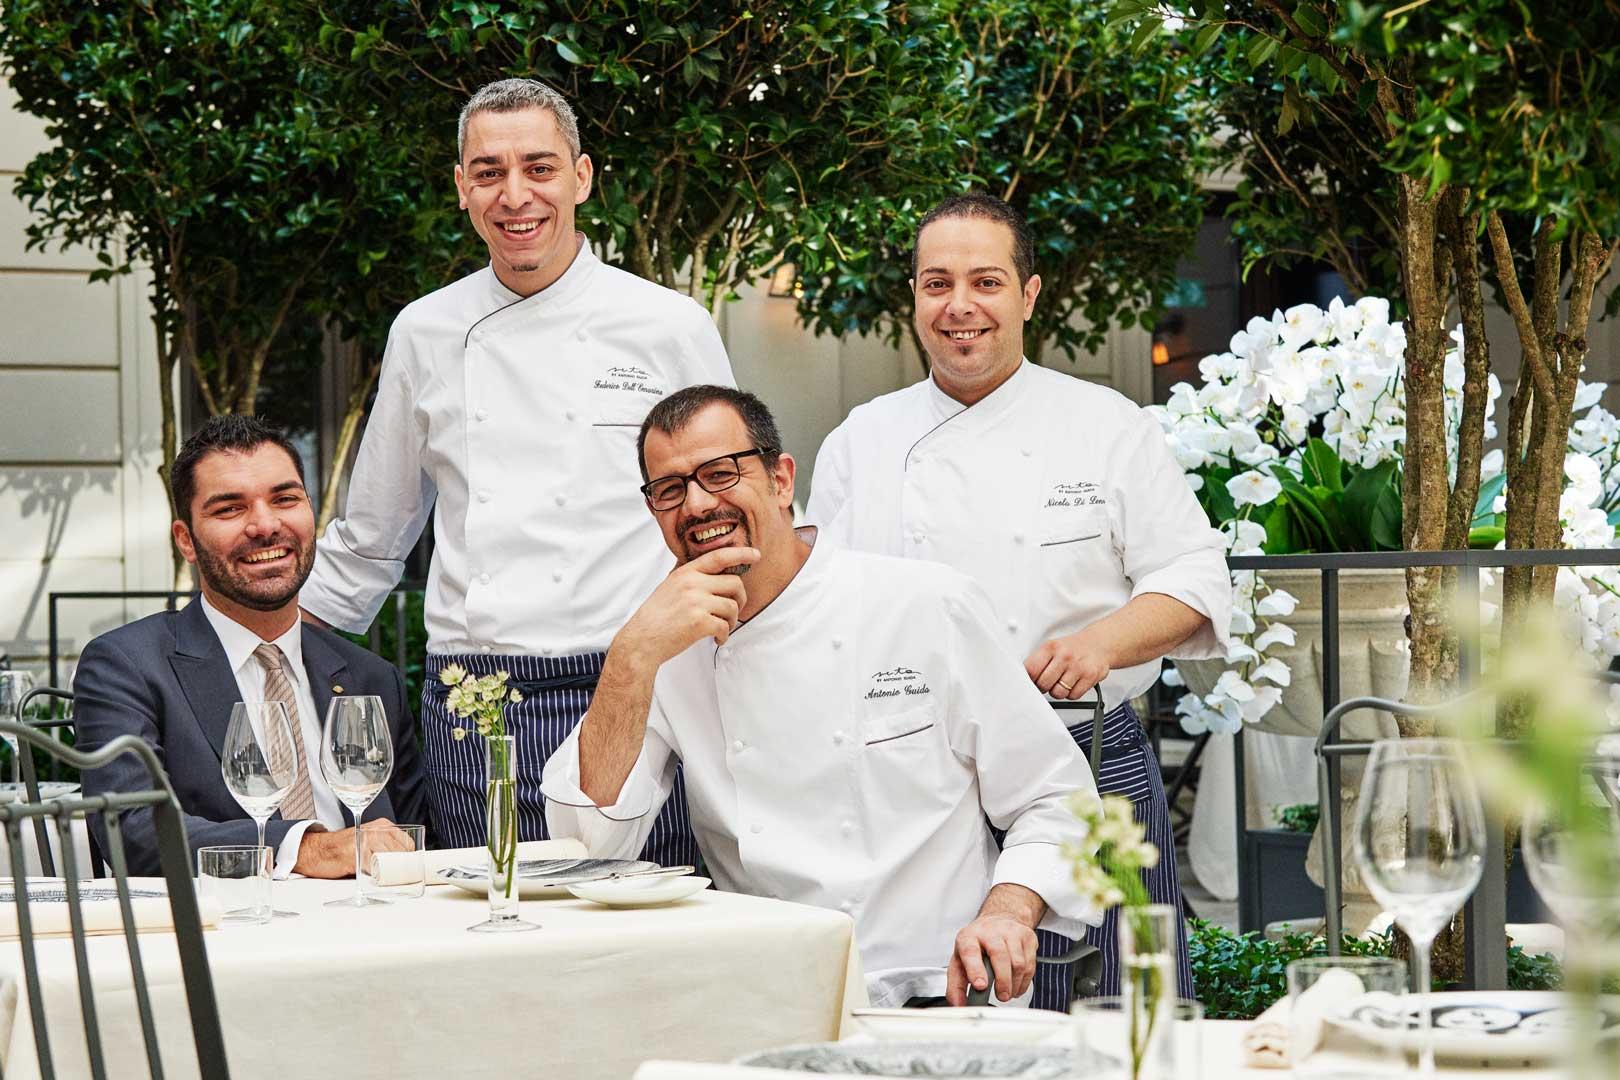 Executive Chef Antonio Guida, Executive Sous Chef Dellomarino, Pastry Chef Di Lena, Restaurant Manager Tasinato